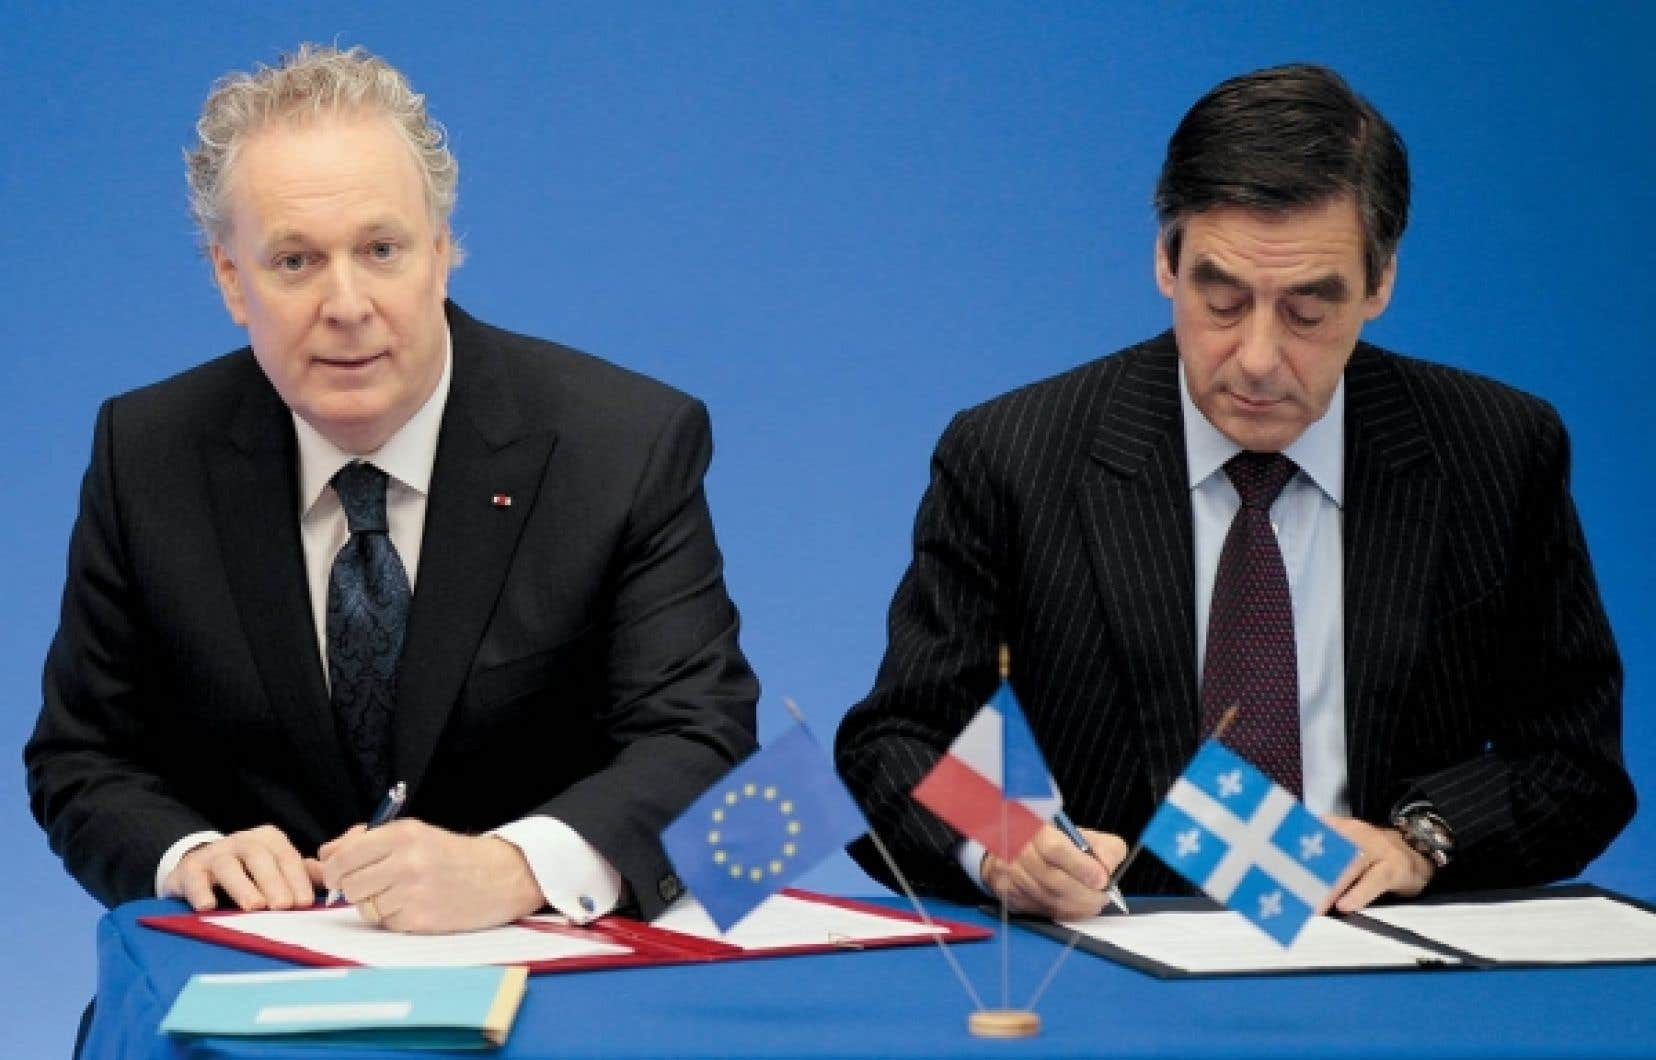 Le premier ministre du Québec, Jean Charest, et celui de la France, François Fillon, lors de la signature d'une entente sur la mobilité de la main-d'œuvre, en novembre 2010 à Paris